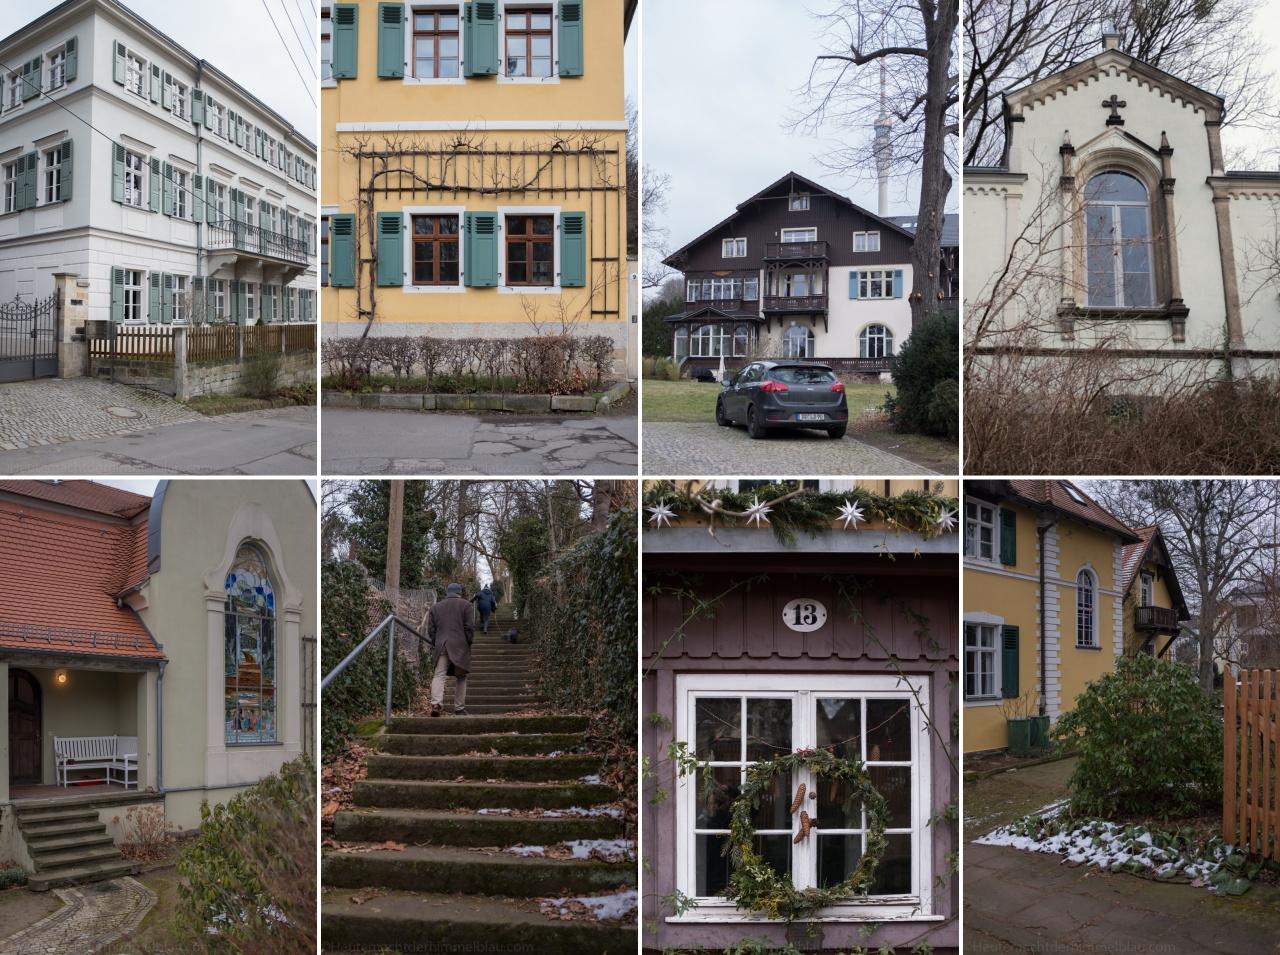 Oberloschwitz